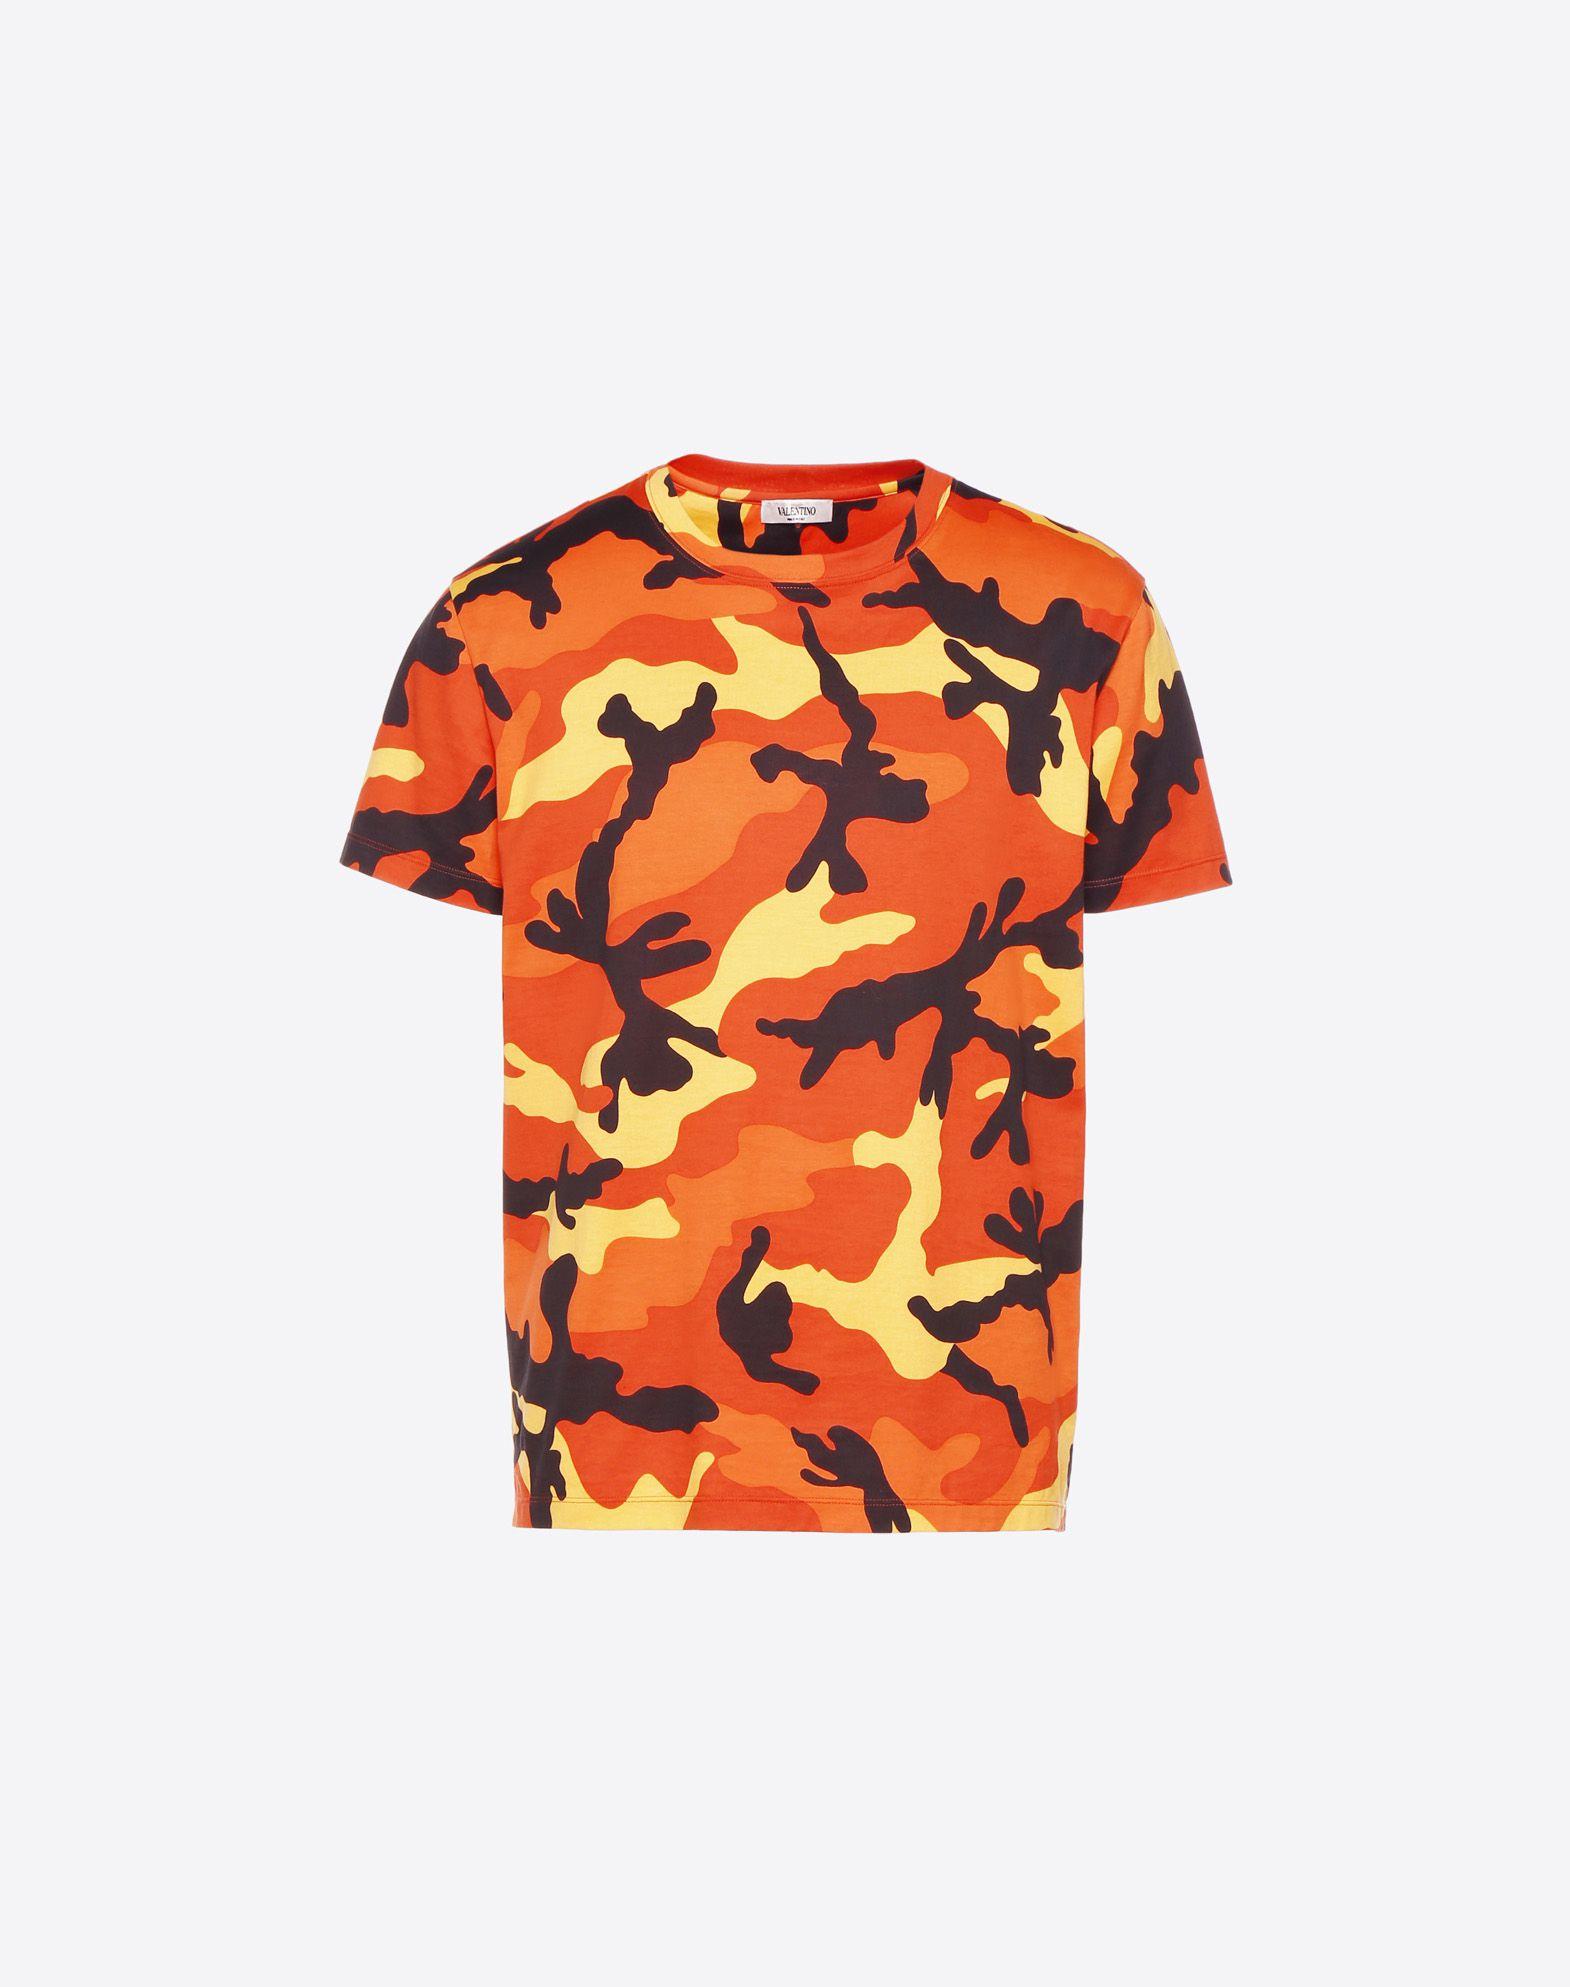 VALENTINO Camouflage Round collar Short sleeves Jersey Side slit hemline  12177572wi